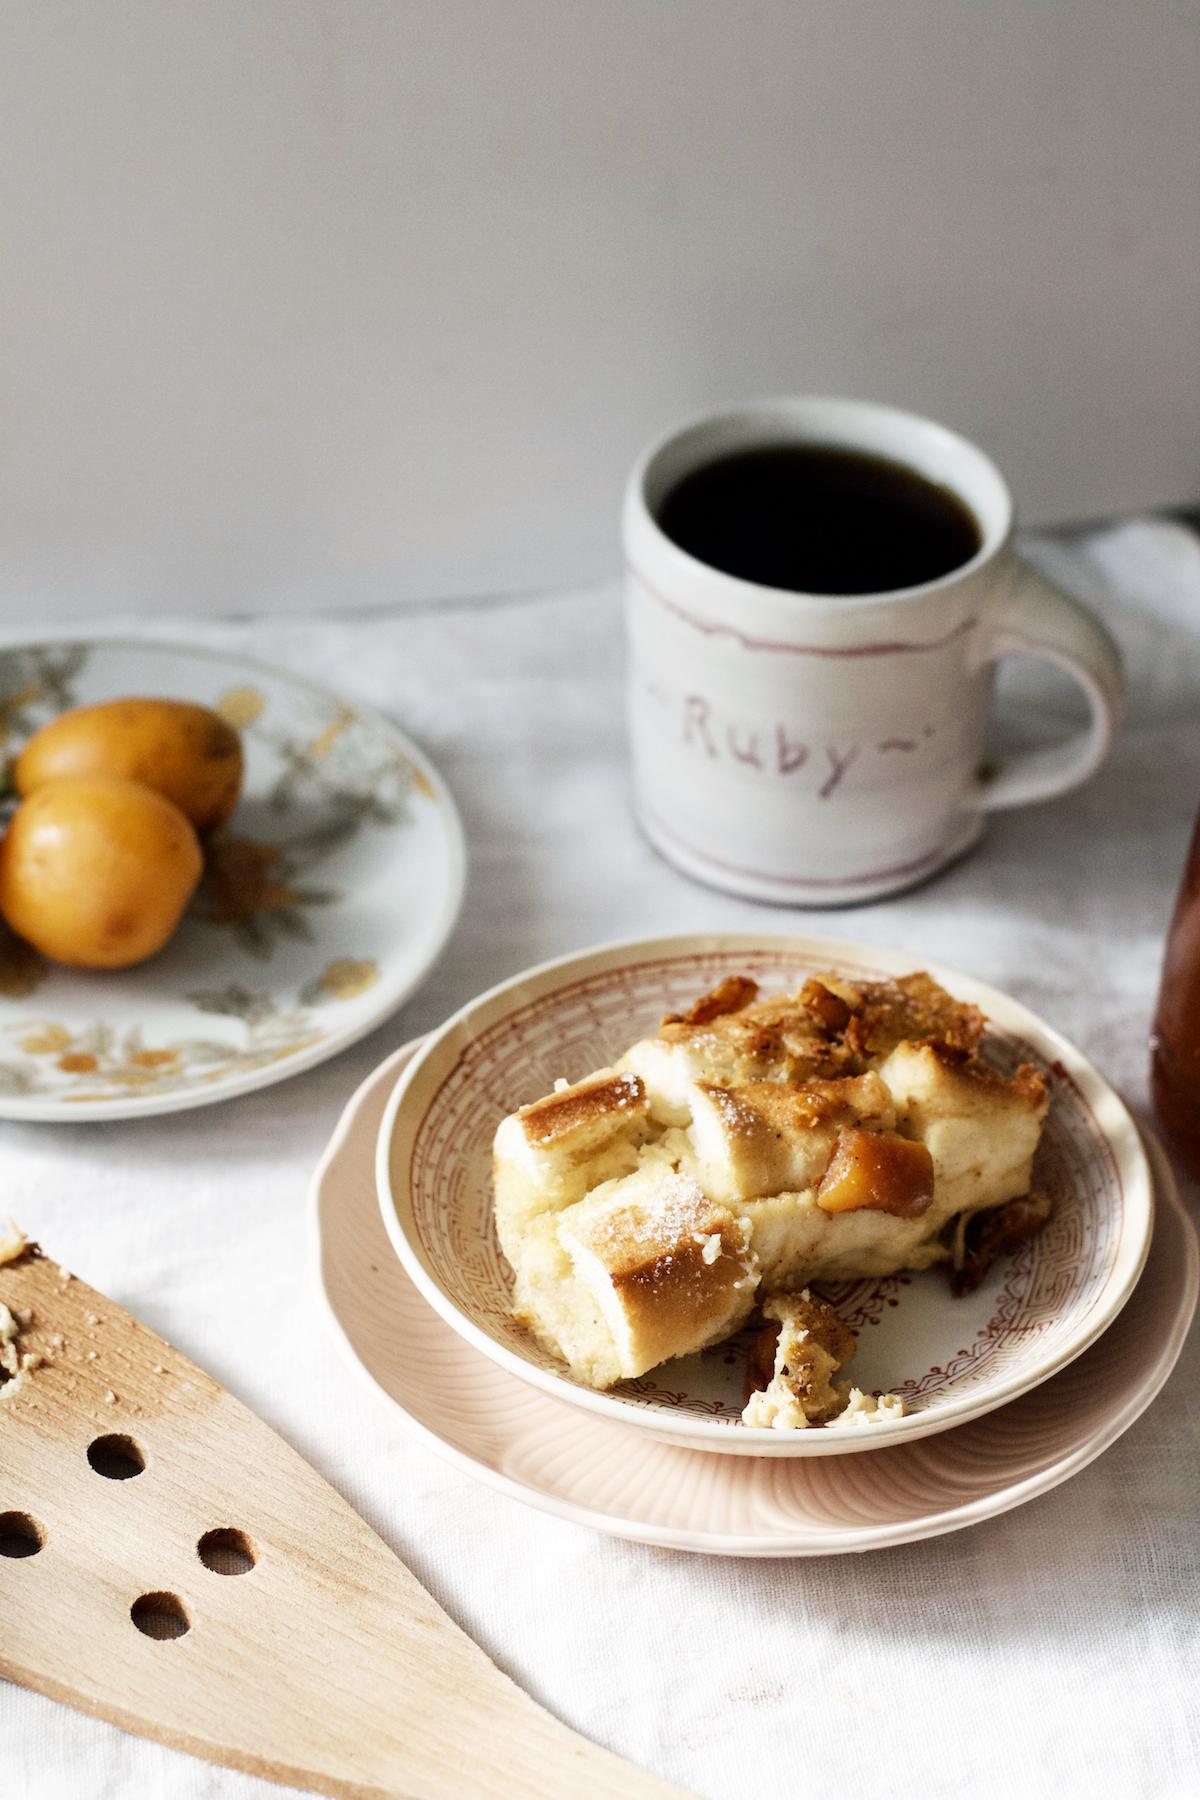 Gingered Loquat French Toast Bake   Ruby Josephine